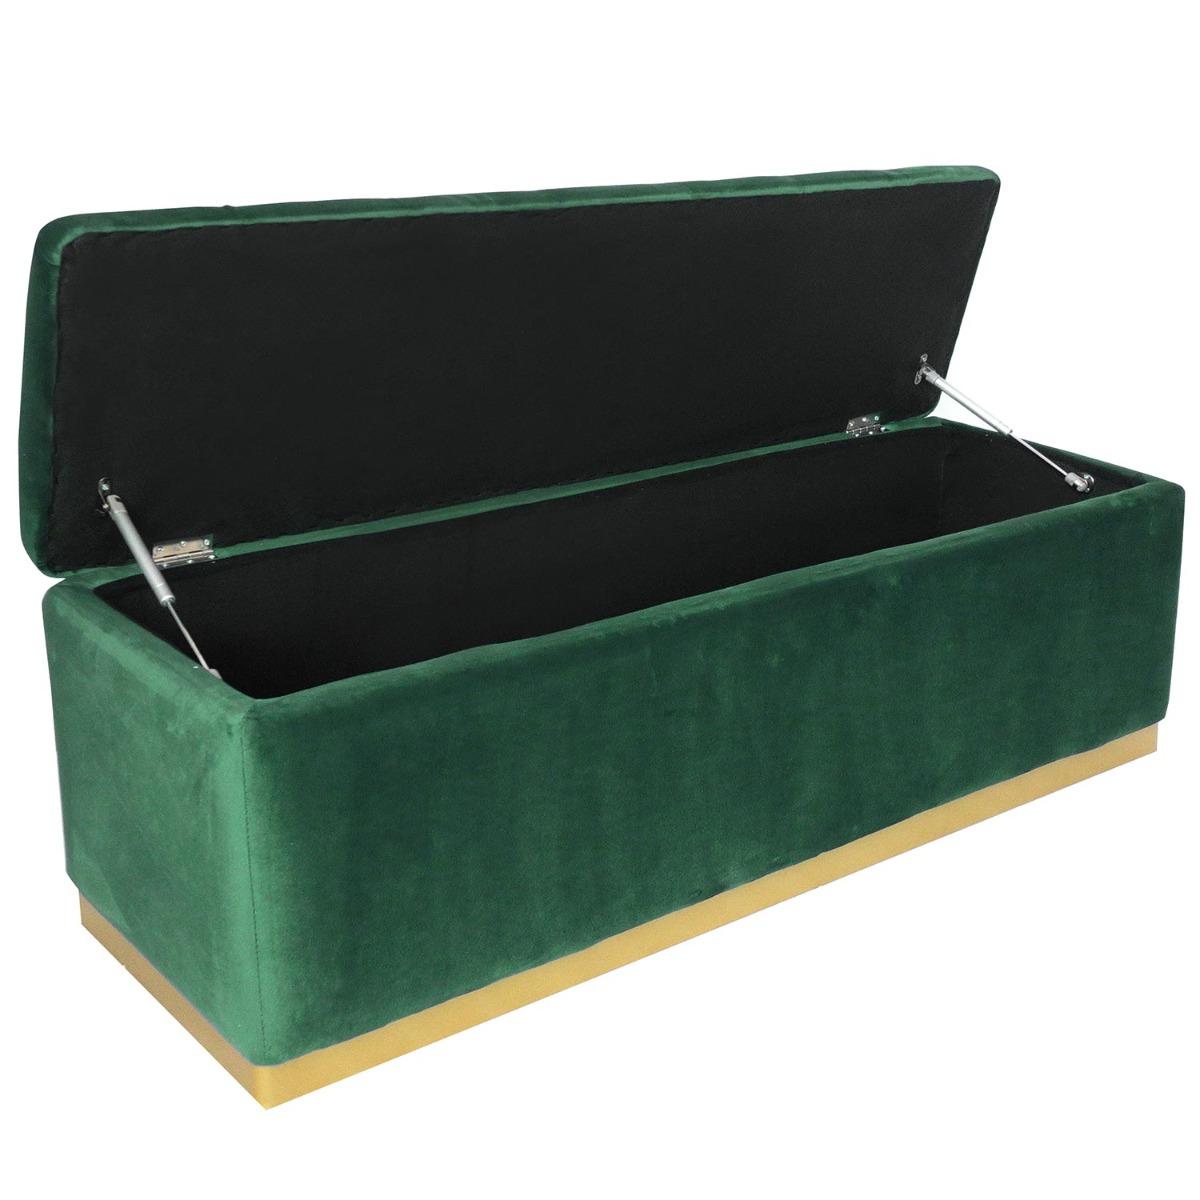 Borstbank Alexandrie Green Velvet Gold Foot